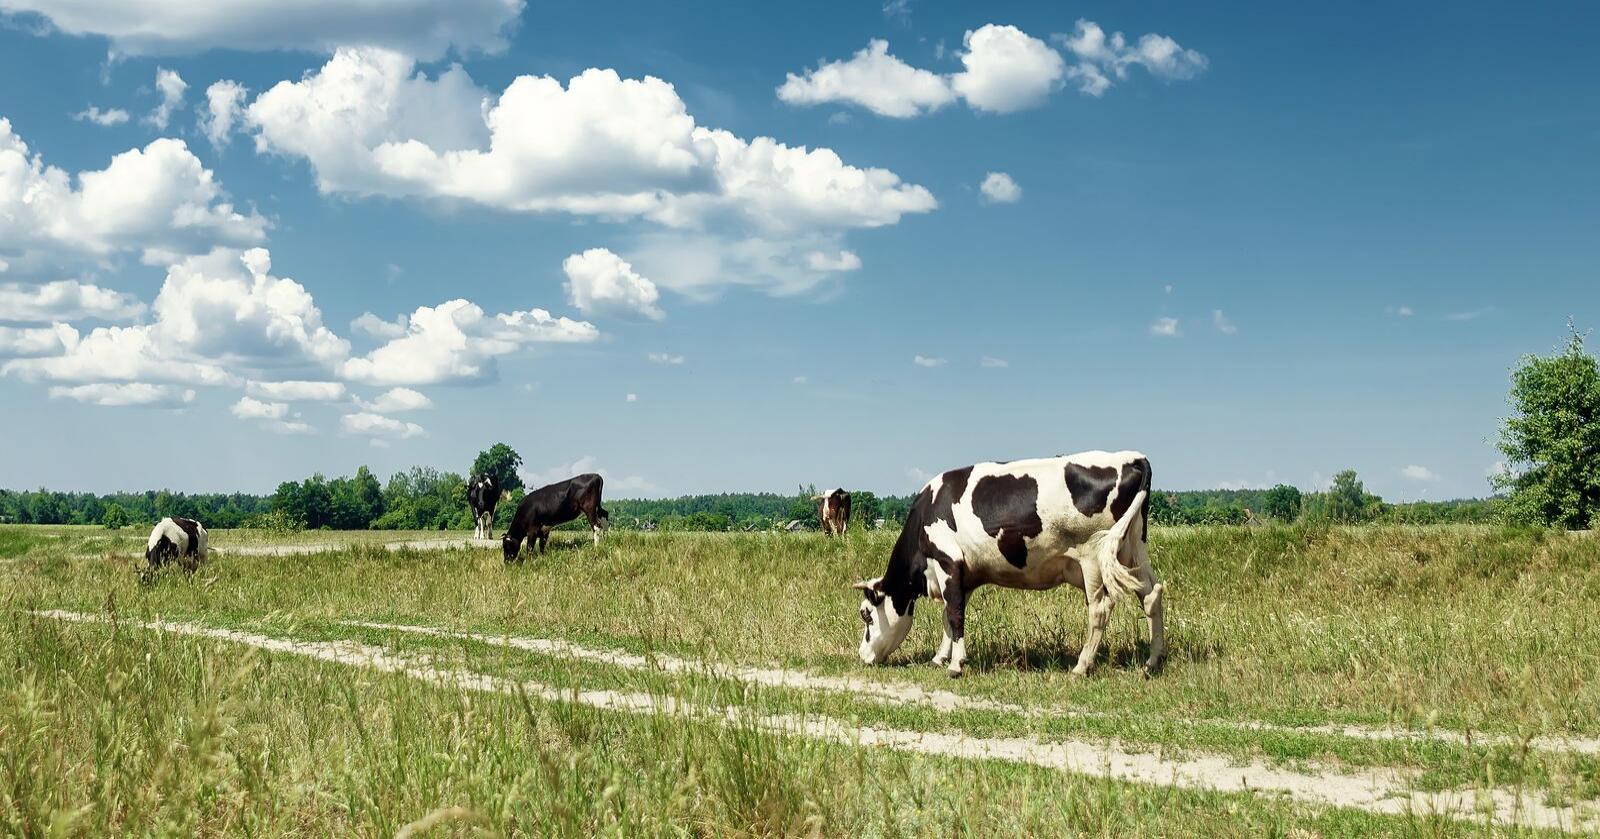 Dyrevernalliansen vil innføre et dyrevelferdstilskudd i landbruket. Foto: Alexander Marko/Mostphotos